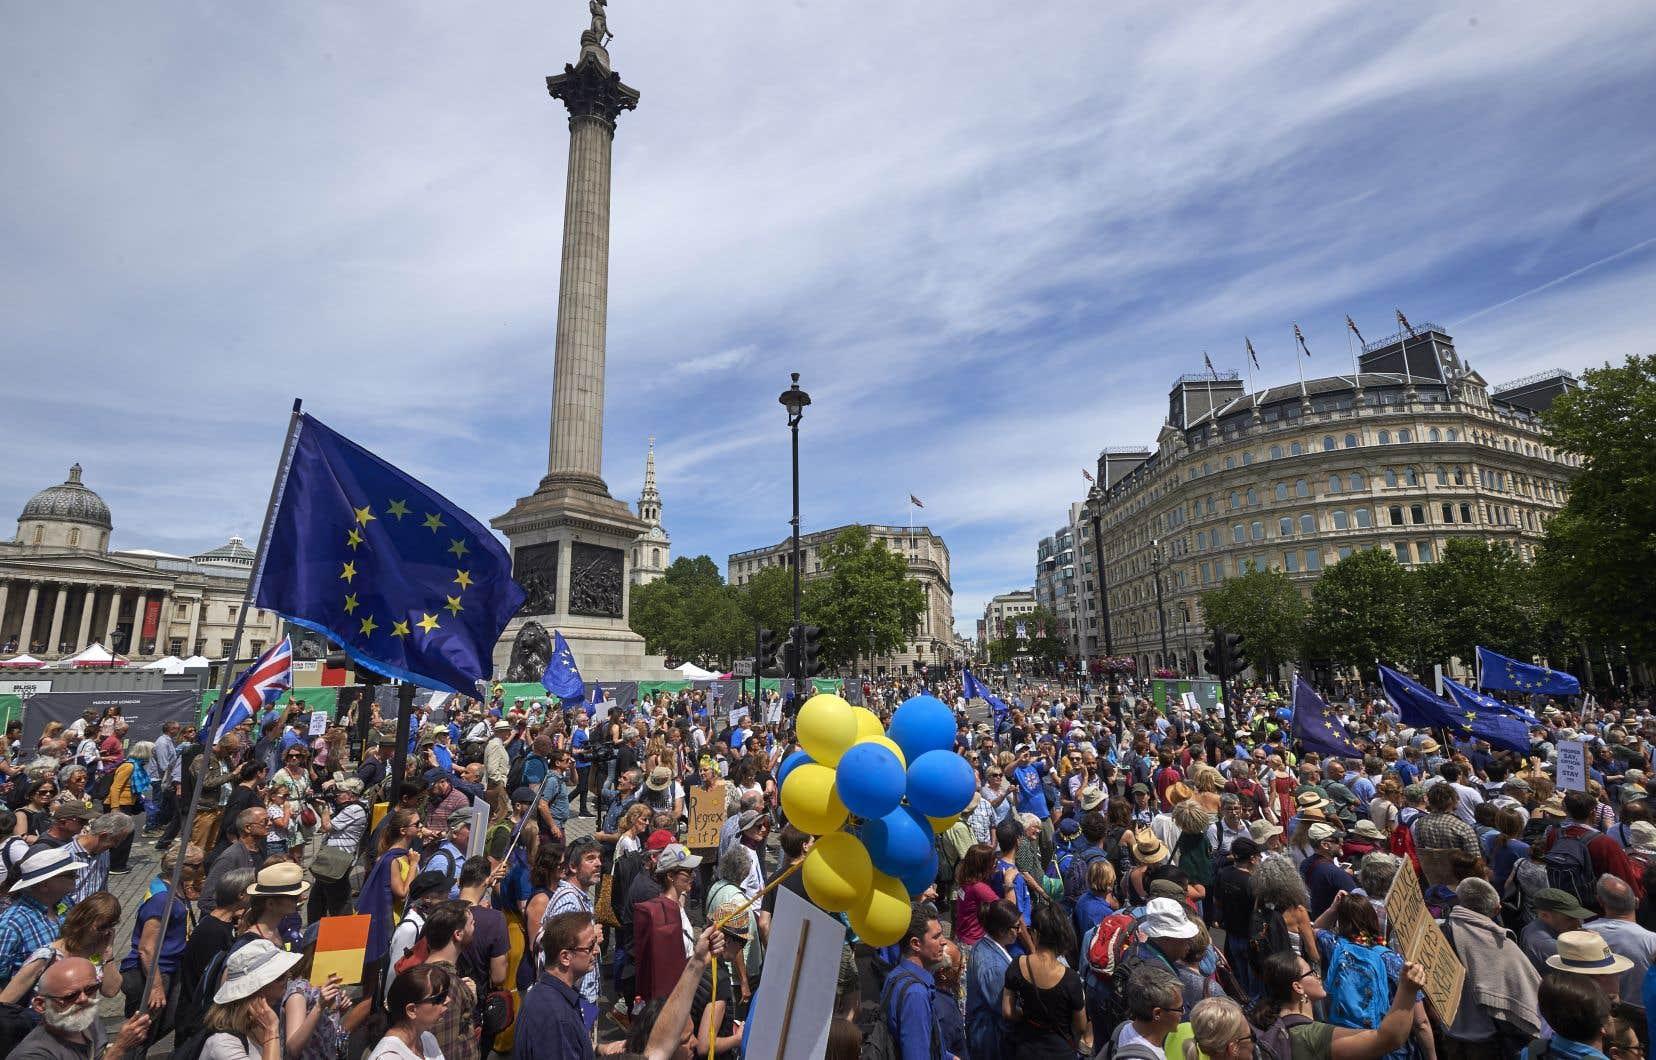 Des dizaines de milliers d'europhiles ont manifesté dans les rues de Londres, le 23juin dernier, pour exiger que le peuple soit consulté sur le résultat final des négociations entre le Royaume-Uni et l'Union européenne.